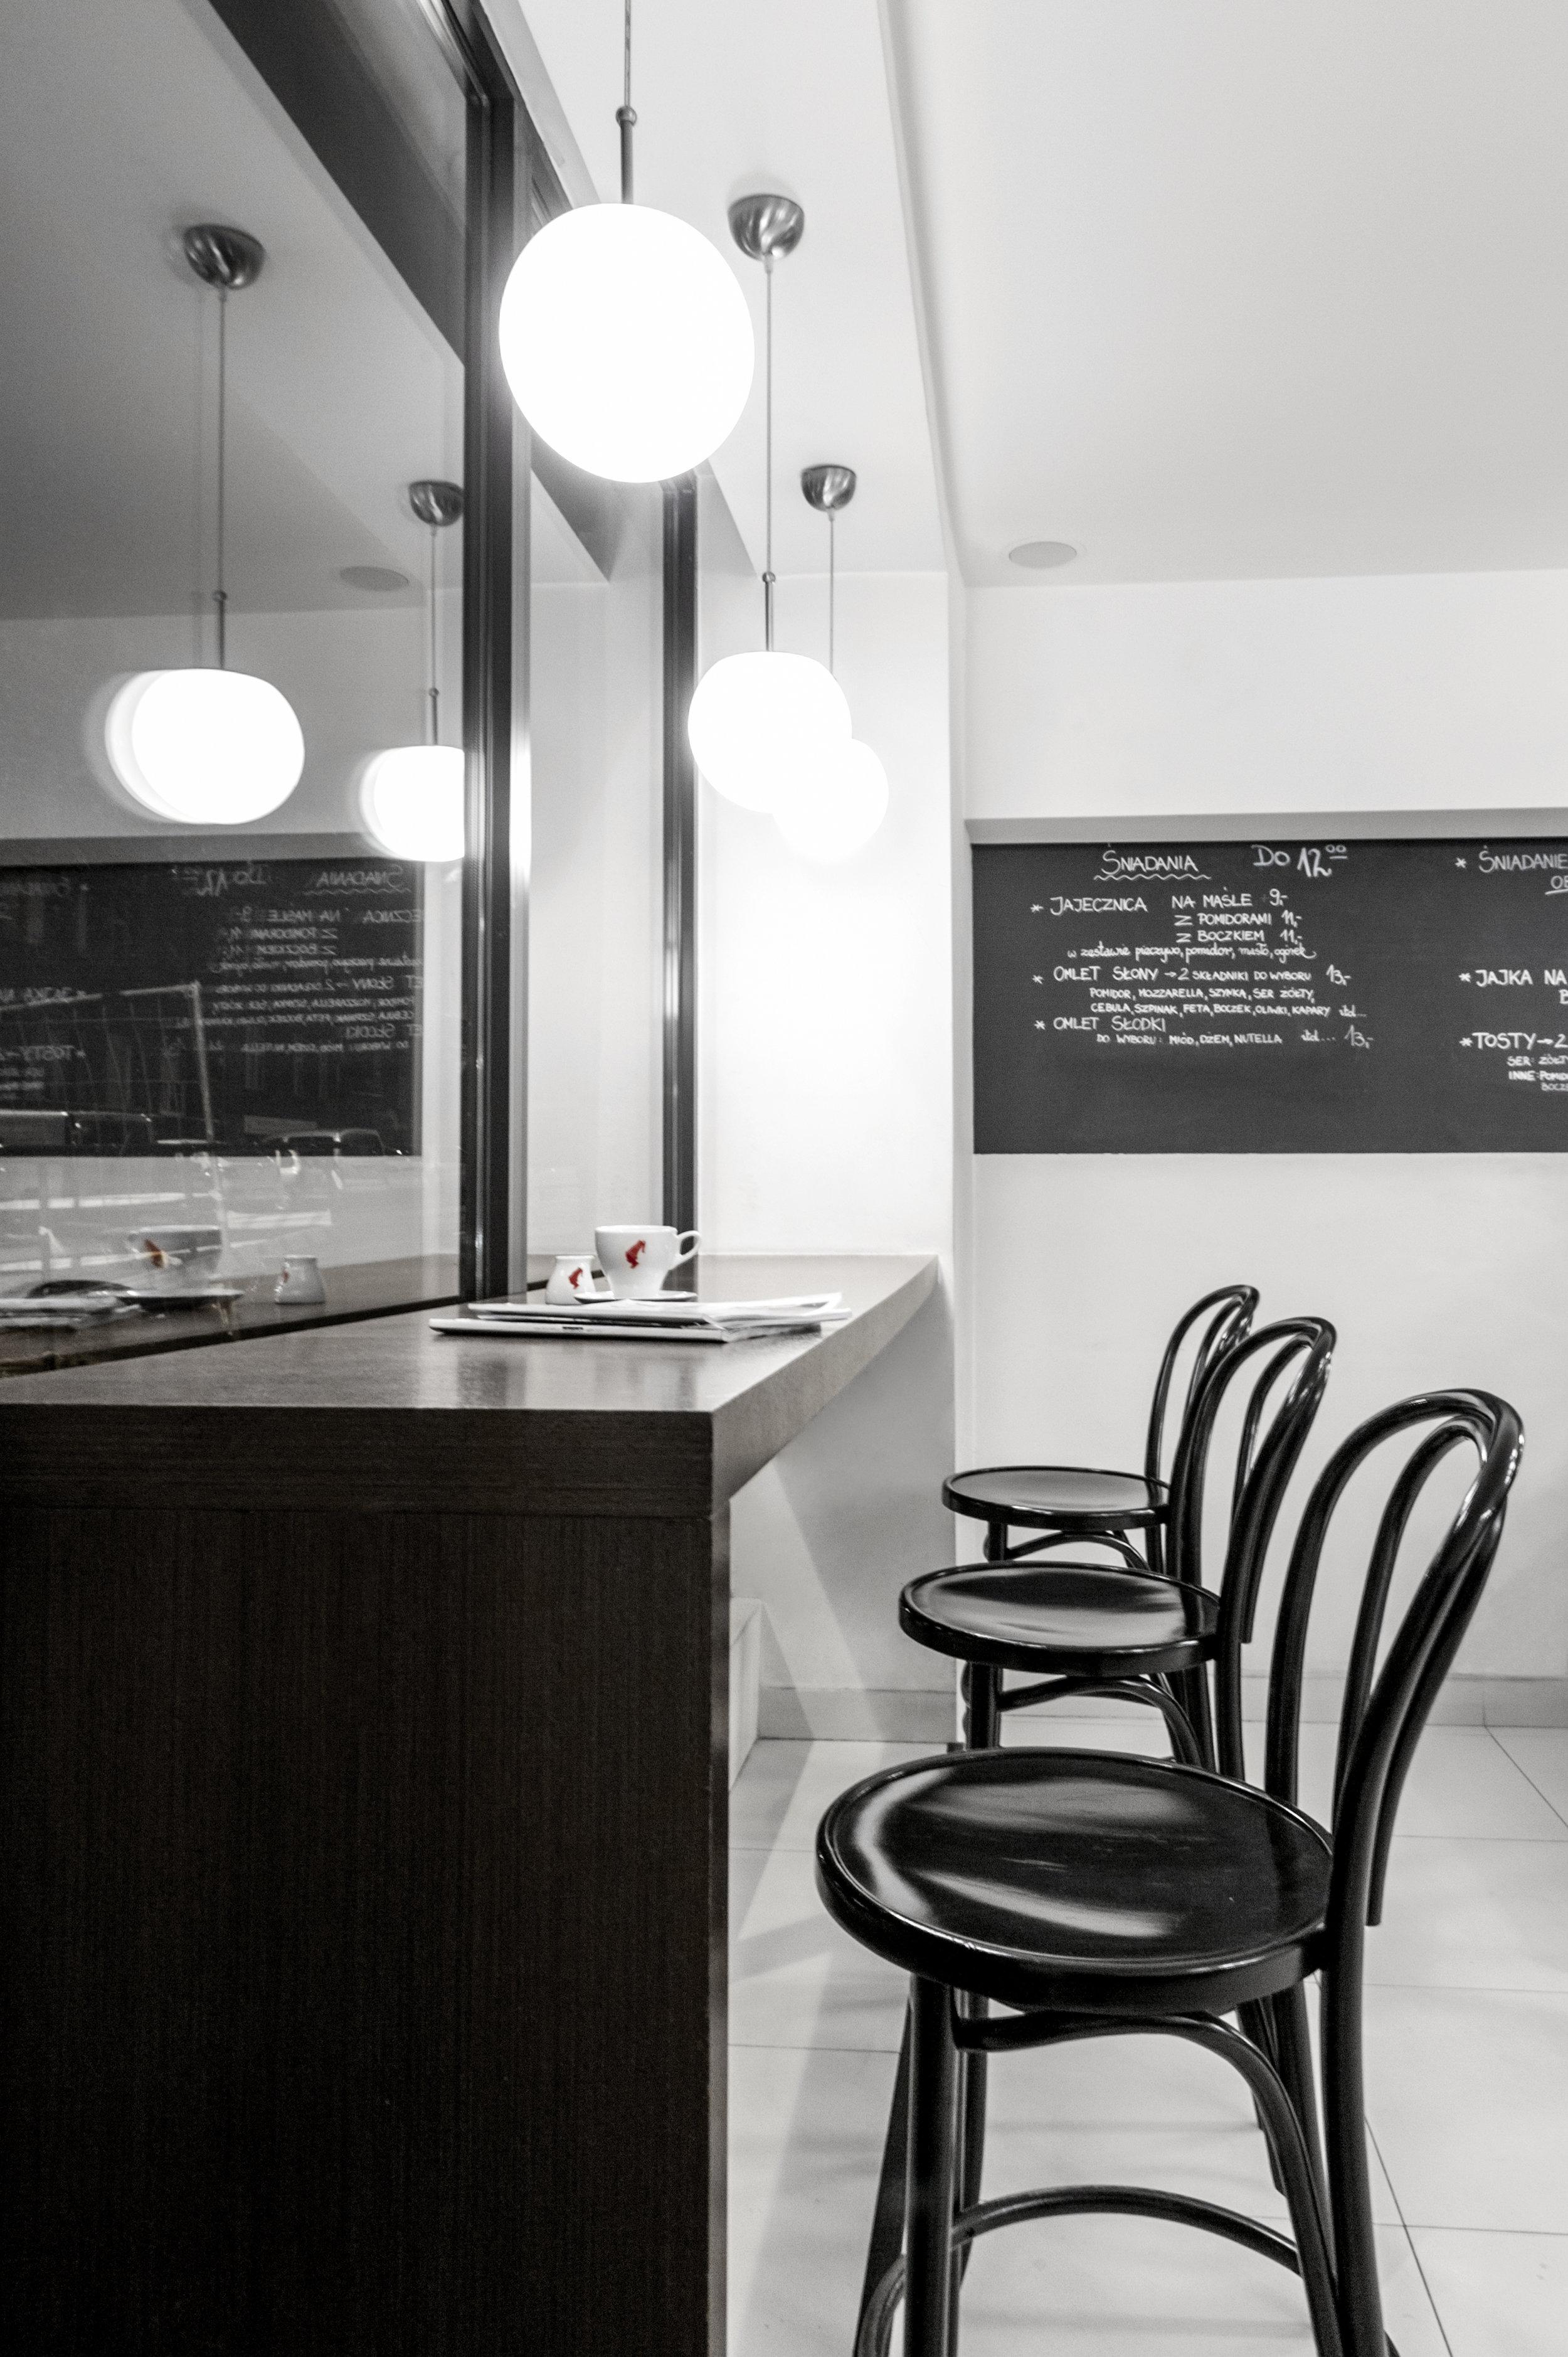 projekt siedziska przy witrynie-widok katowic-fornir.jpg